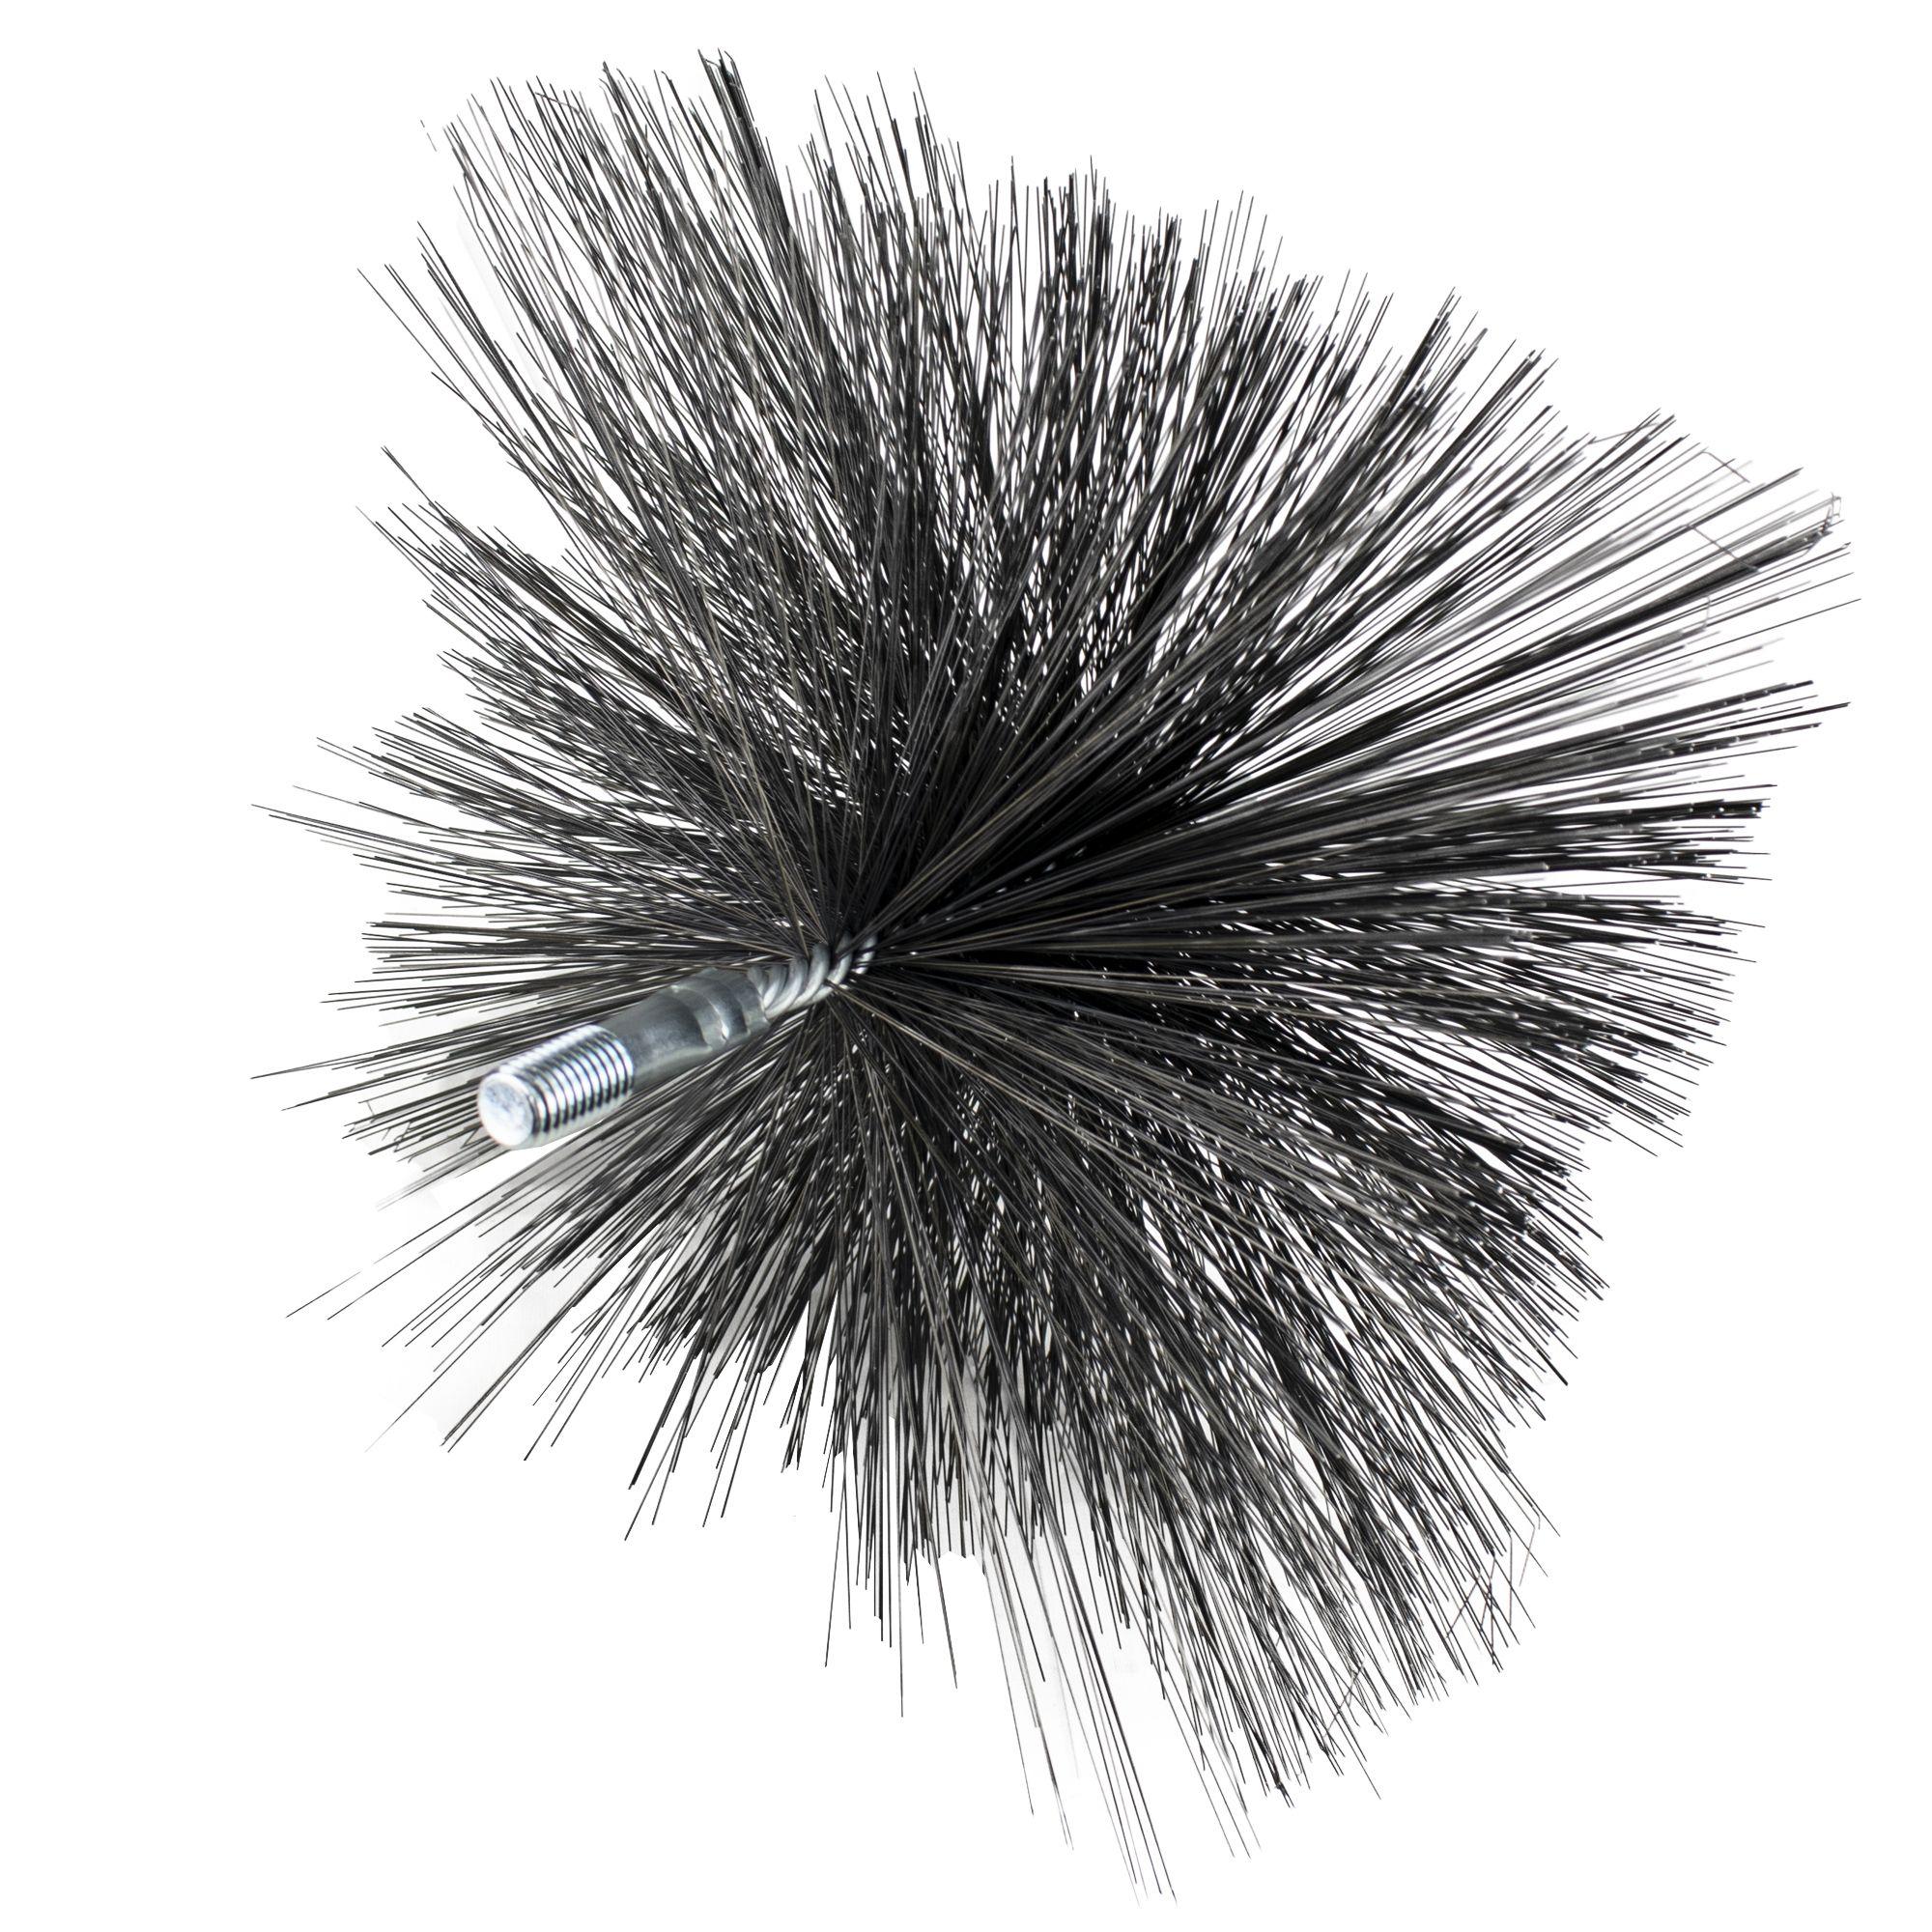 Komínový kartáč hranatý, ocelový drát, rozměr 250 x 250mm